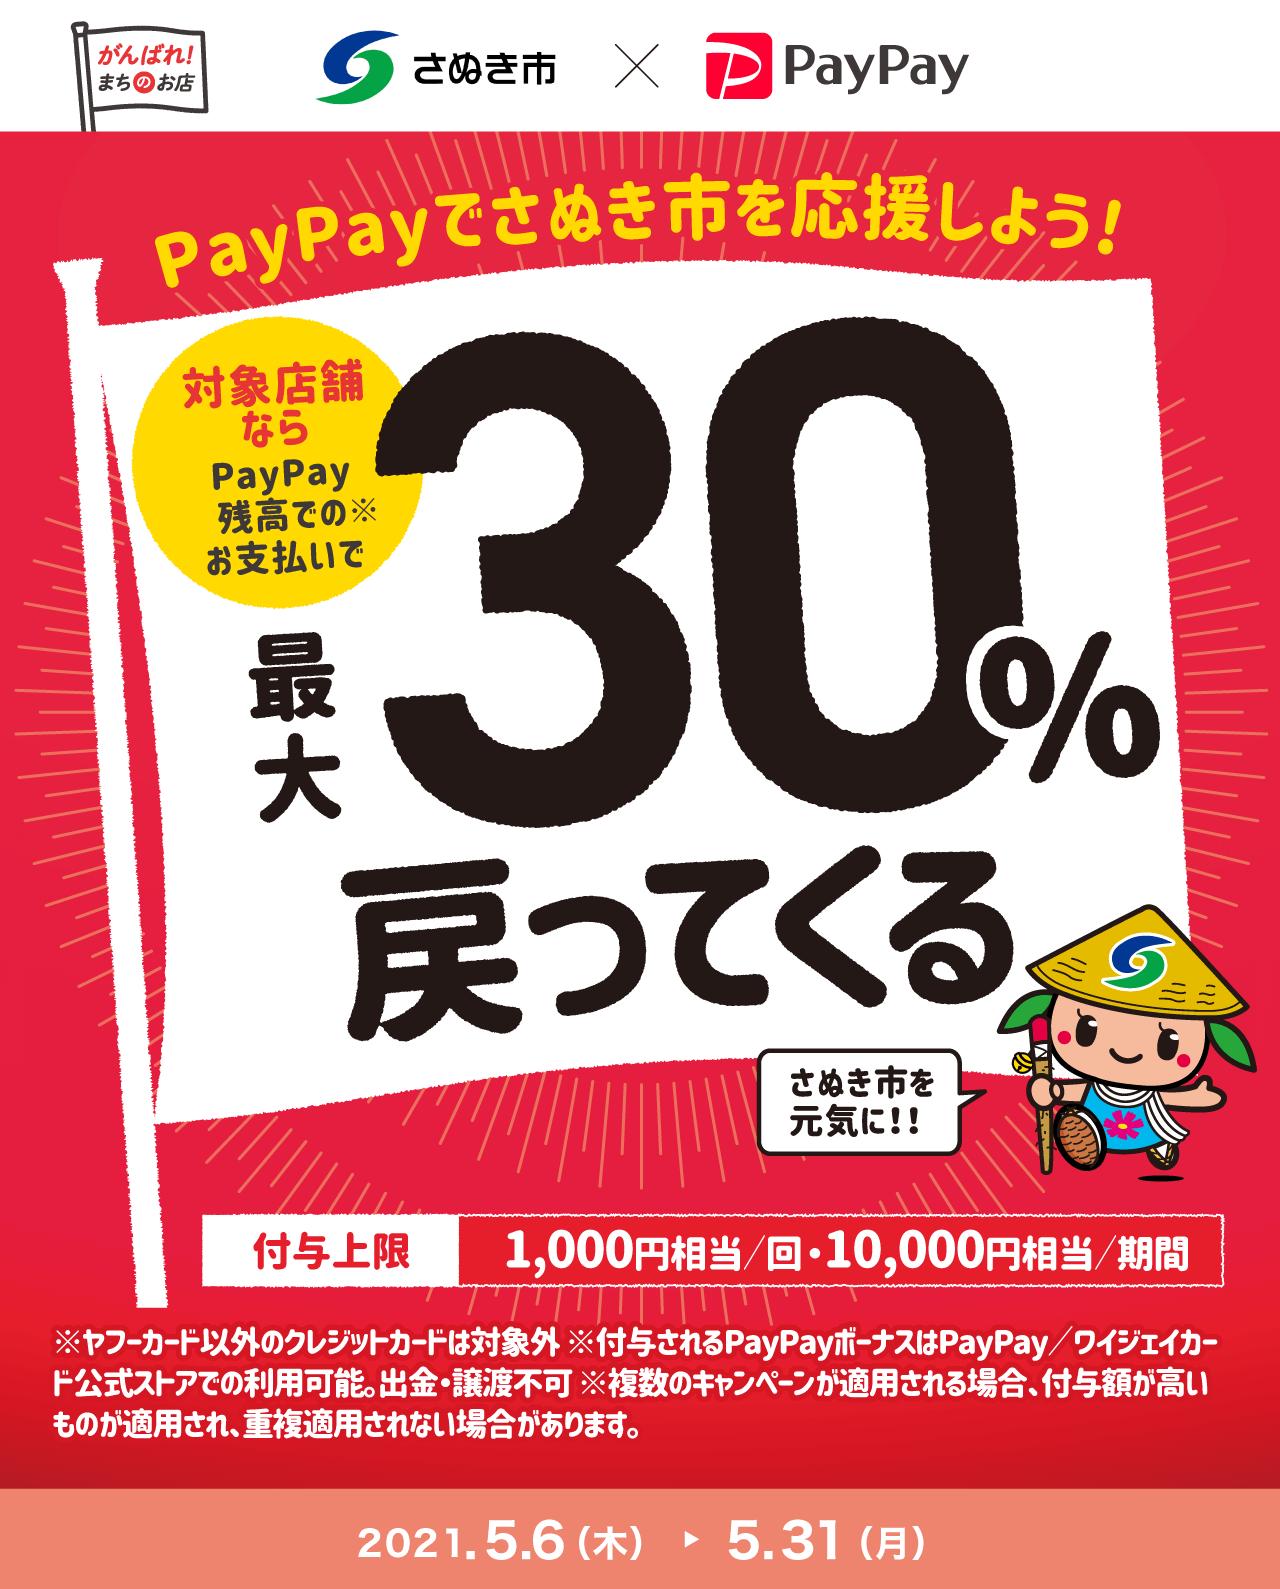 PayPayでさぬき市を応援しよう!対象店舗ならPayPay残高でのお支払いで最大30%戻ってくる